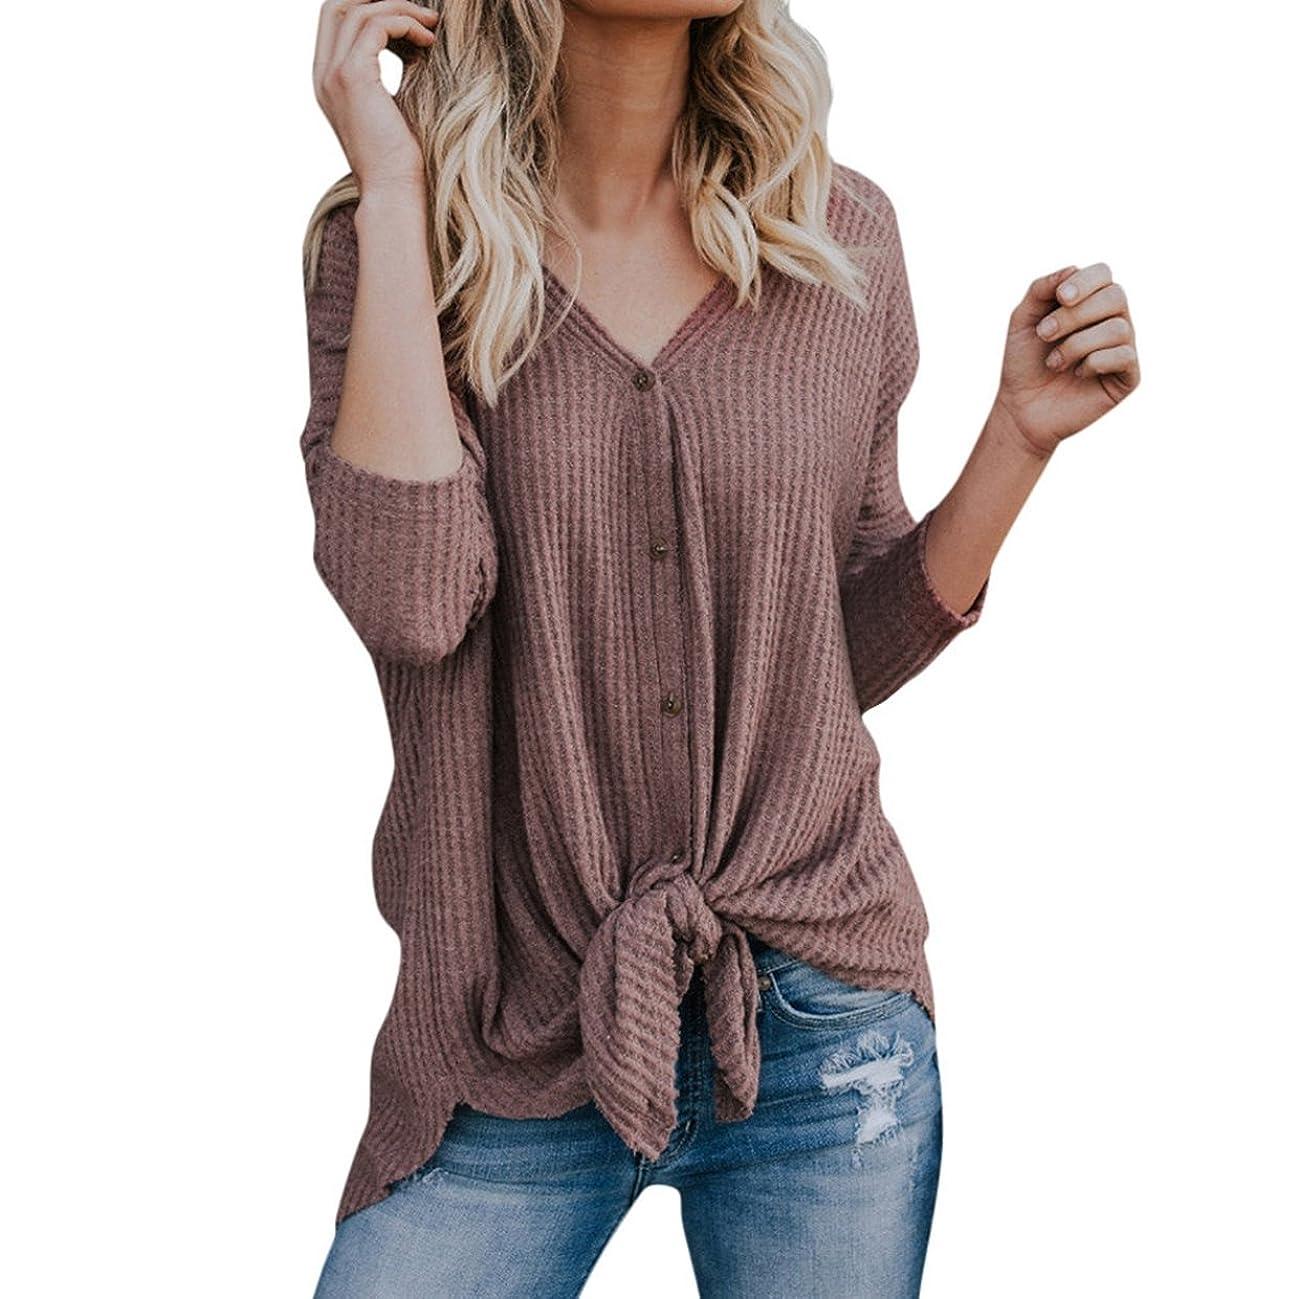 シチリアワイン穿孔するレディース tシャツ BOBOGOJP 女性 チュニック ゆっとり ニット製 上着 柔らかい トップス ボタン付け 結び目 不規則な裾 カーディガン Vネック ボトムシャツ バットウィングプレーンシャツ